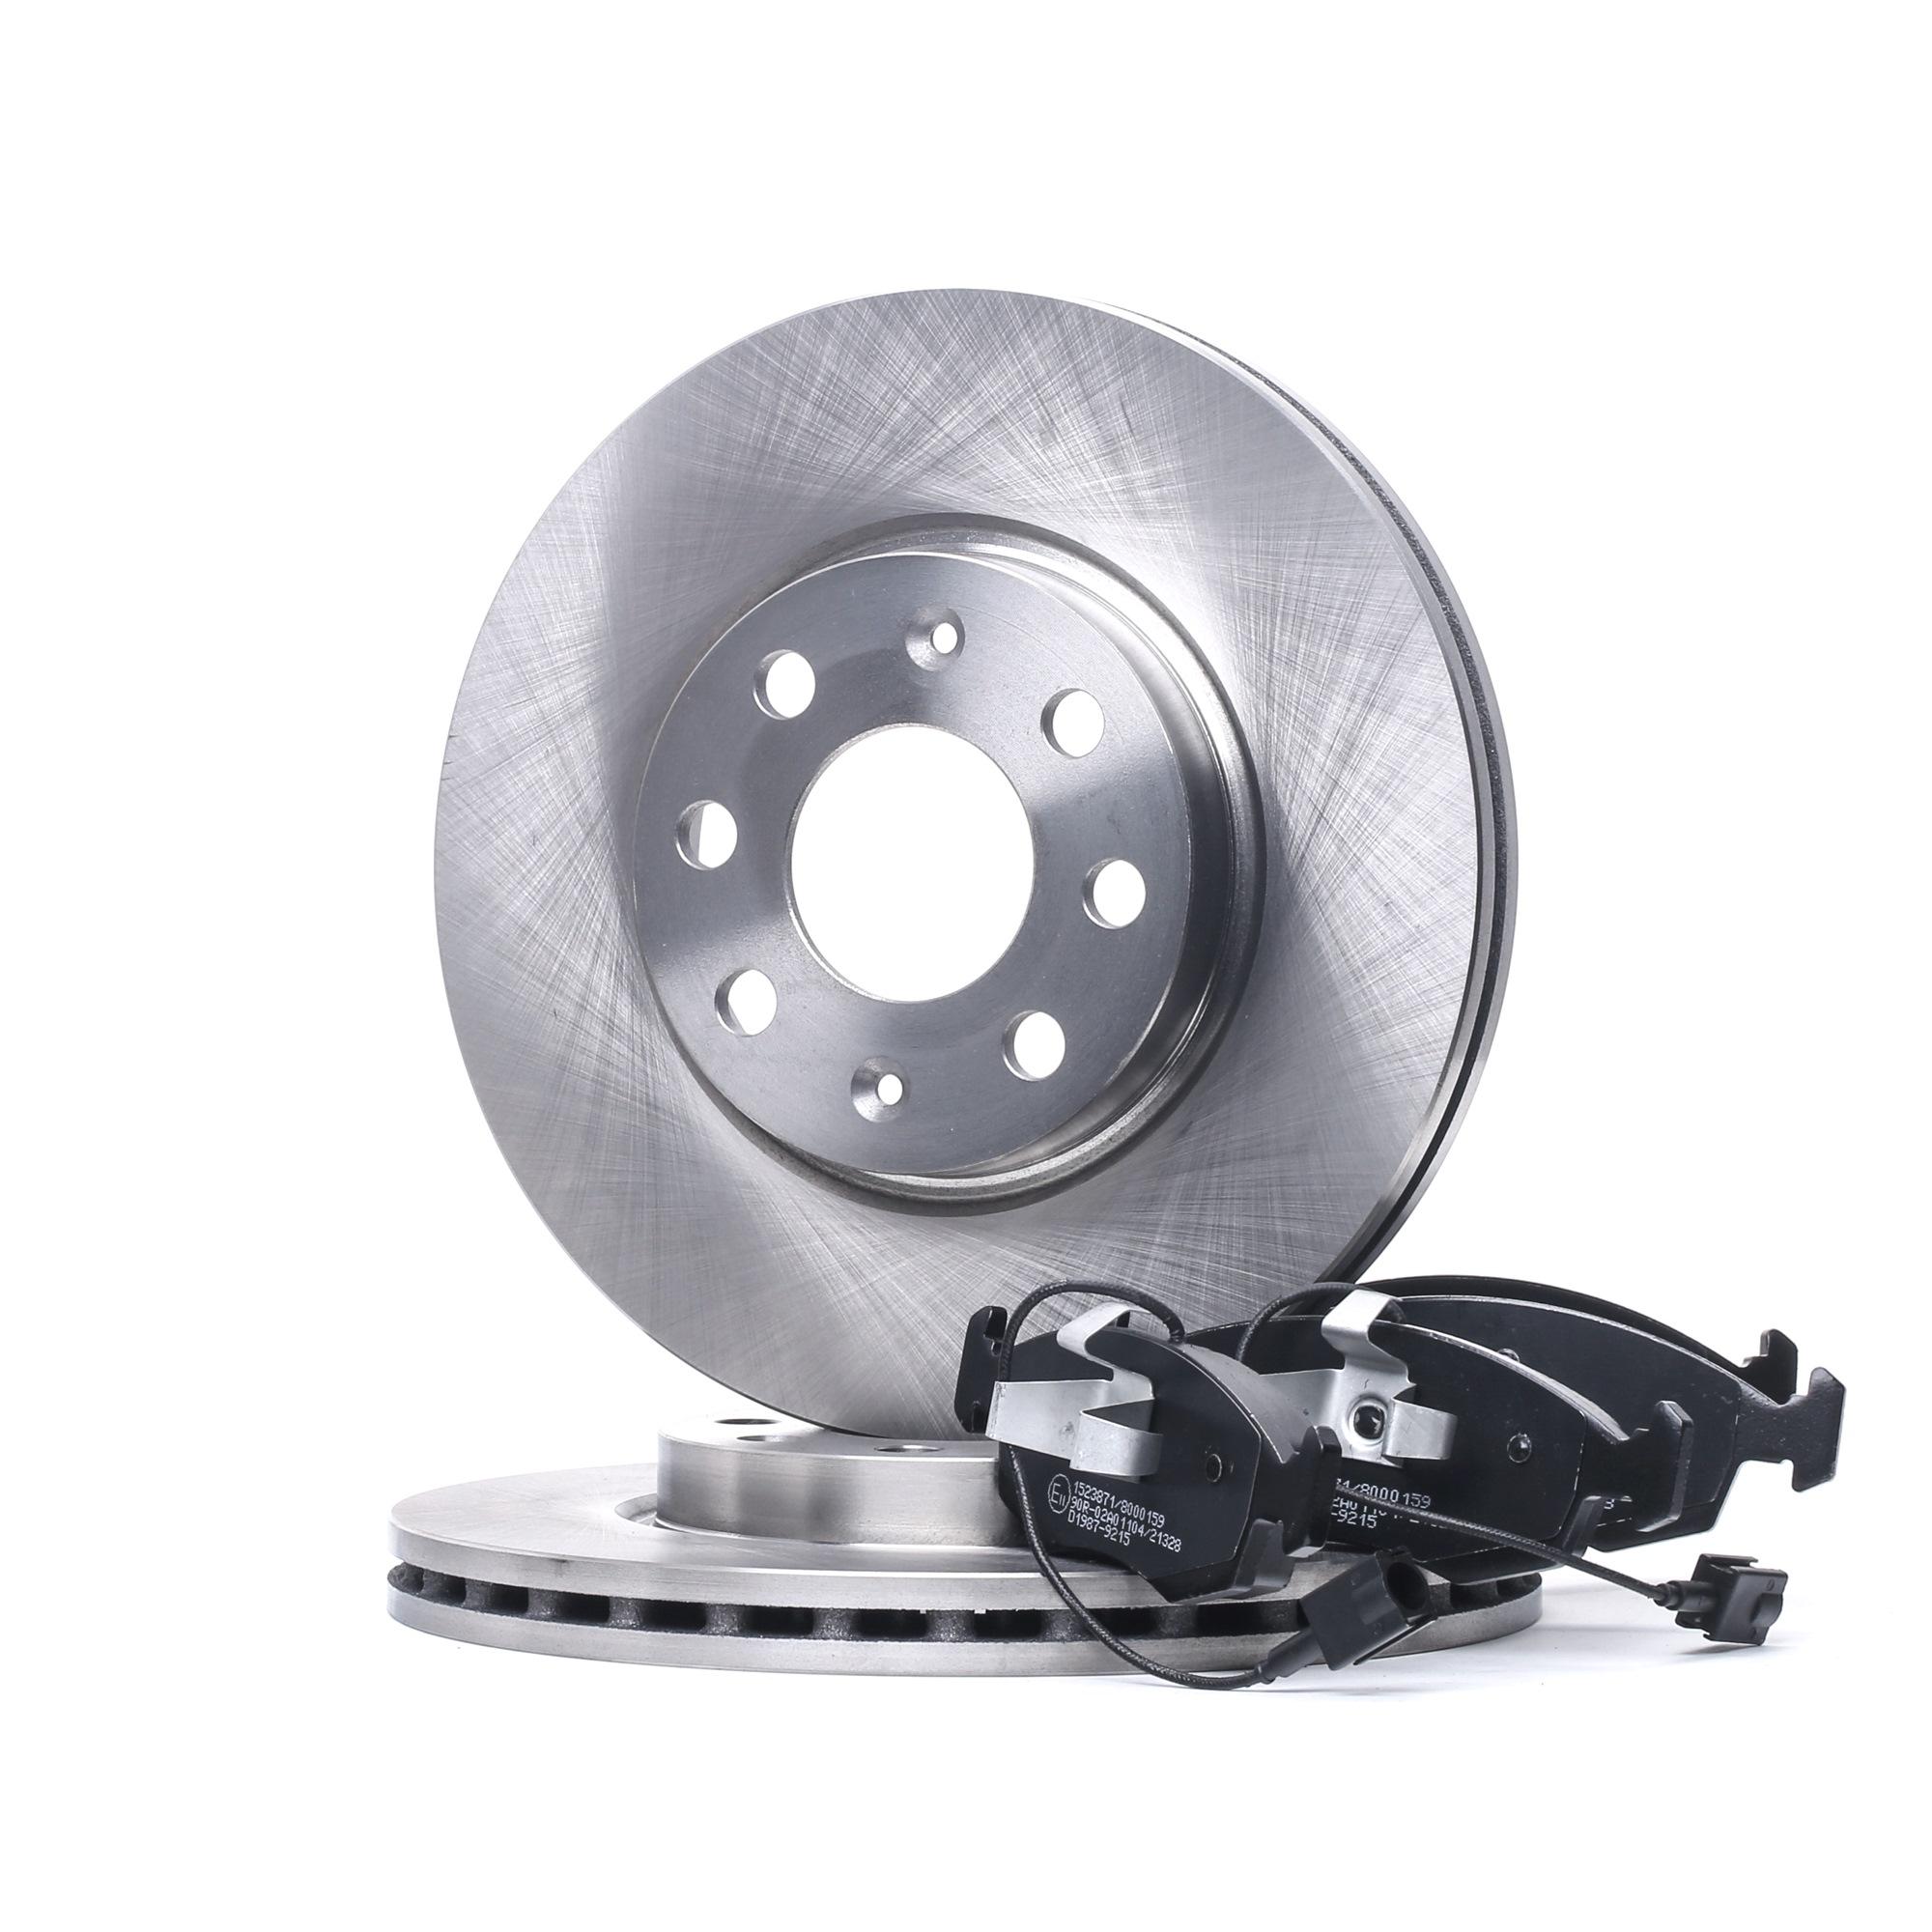 RIDEX: Original Bremsscheiben und Bremsbeläge 3405B1064 (Bremsscheibendicke: 22,0mm)